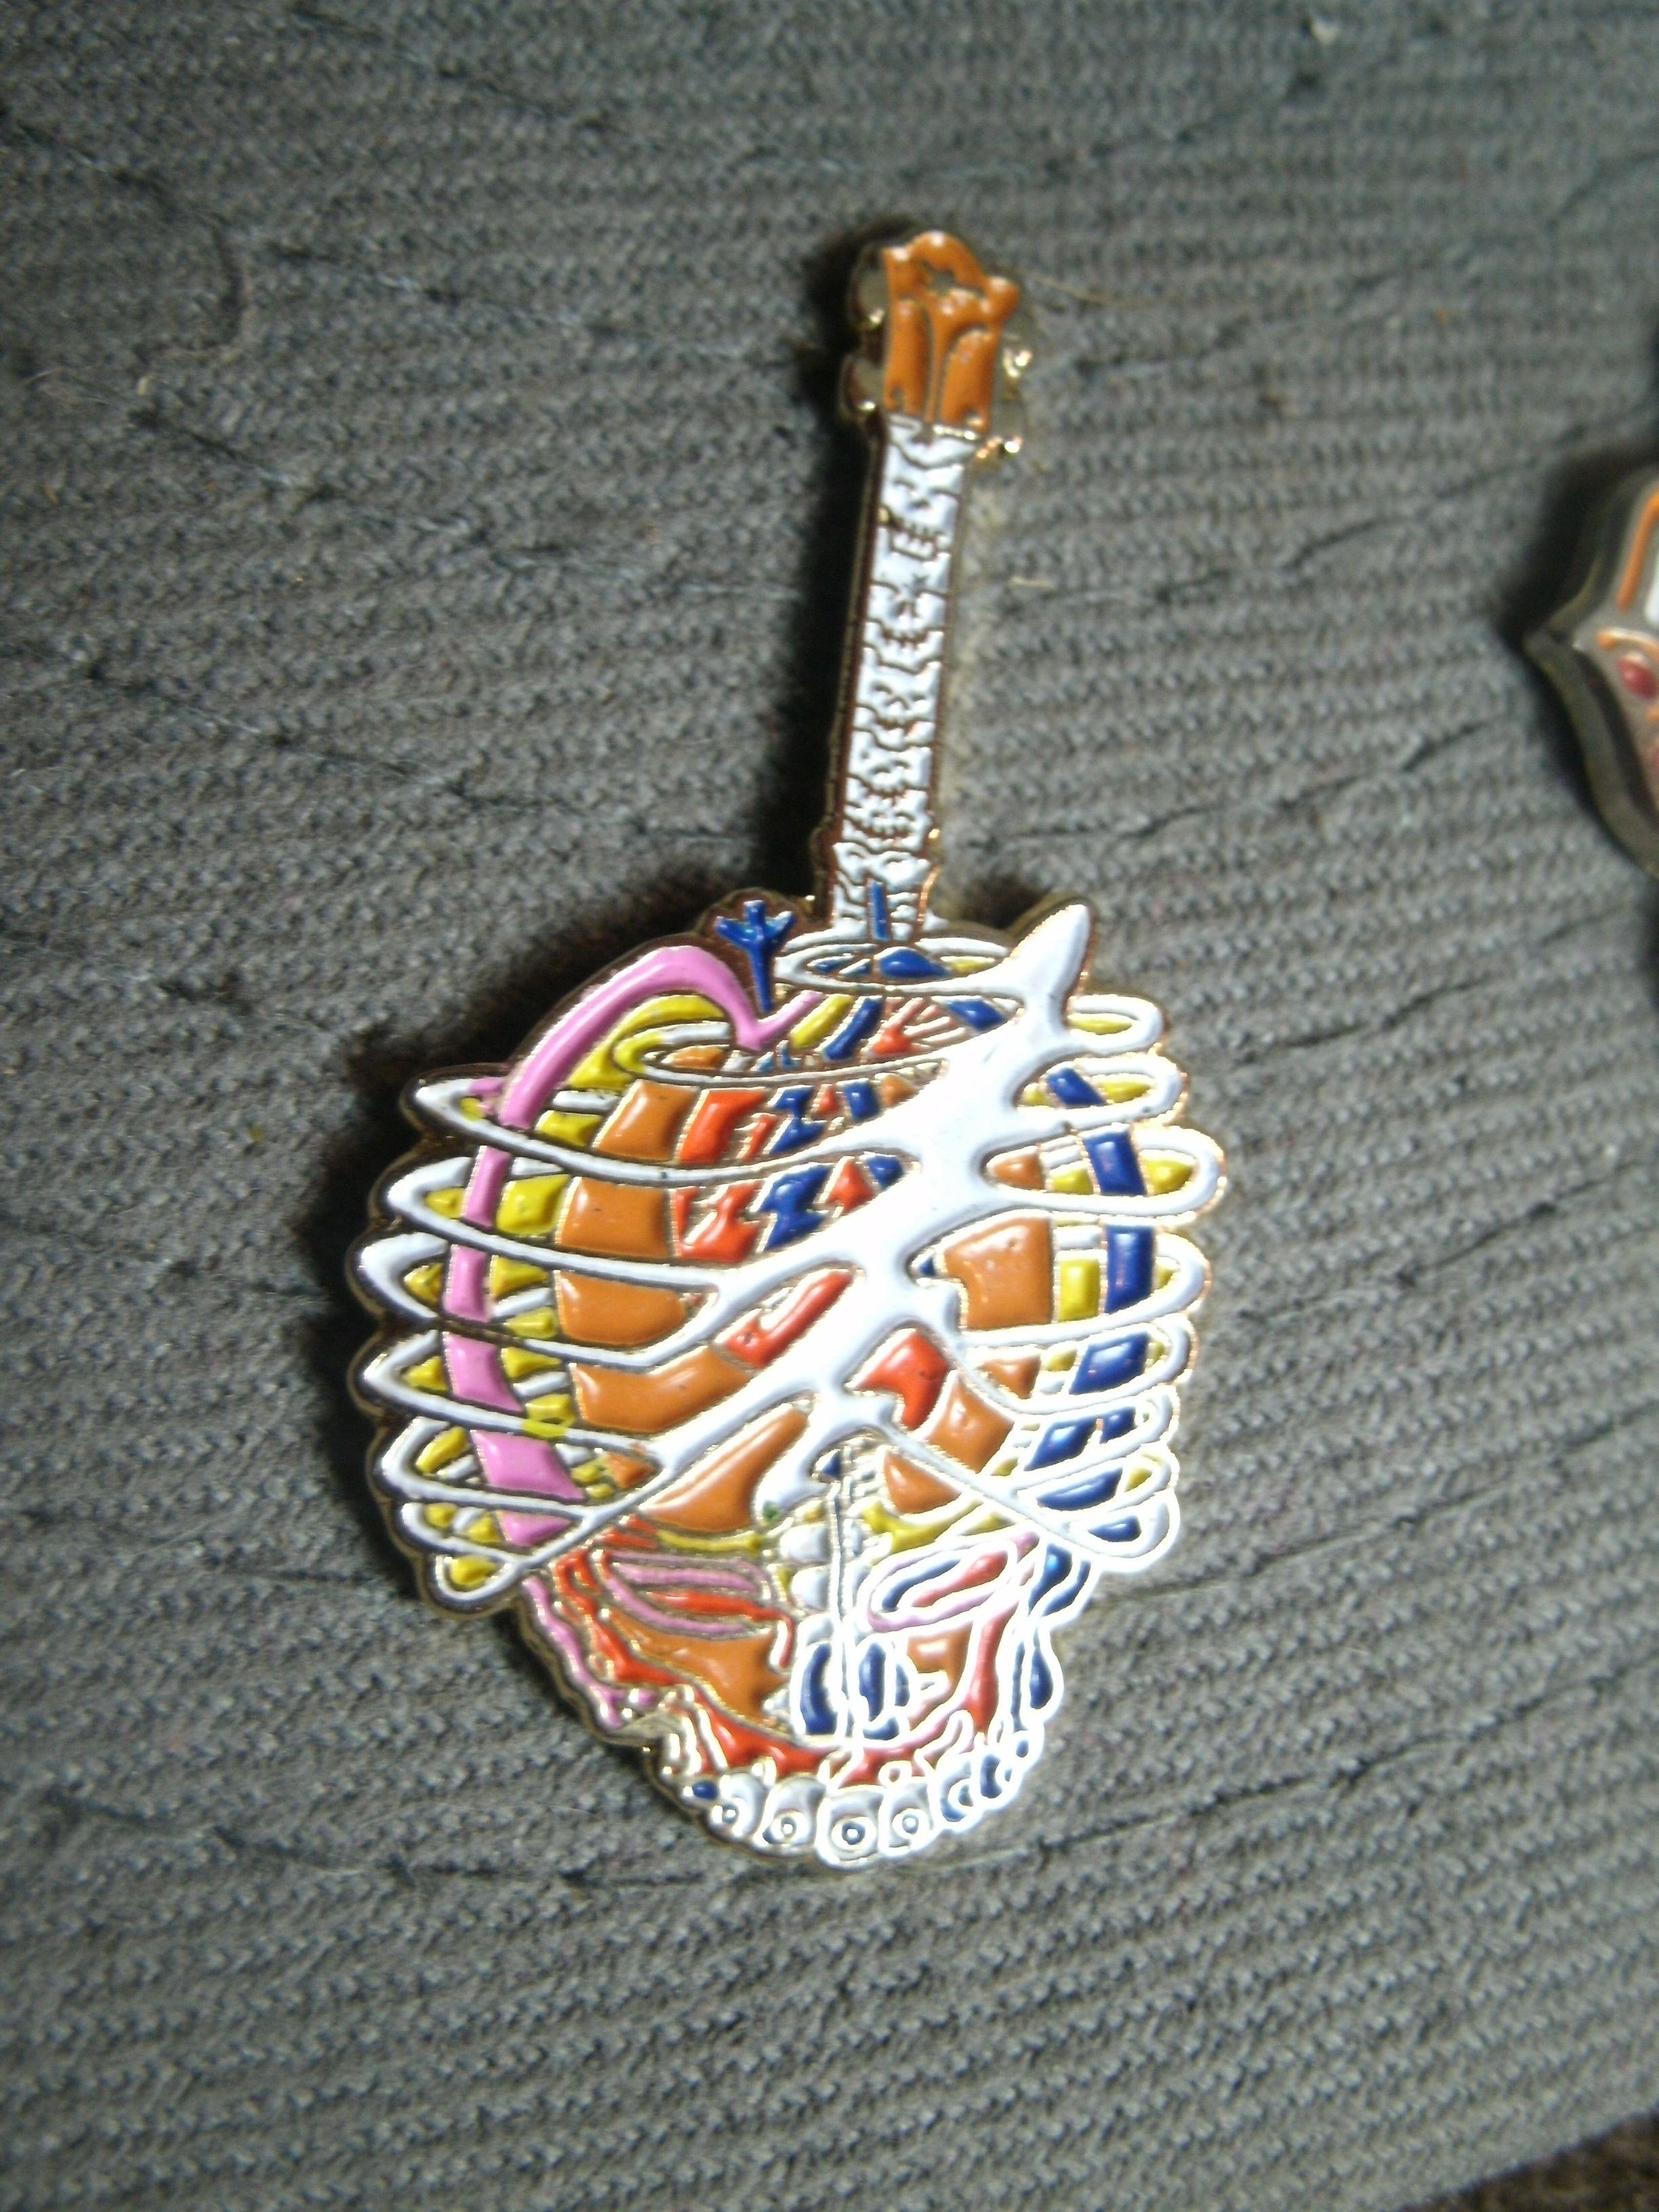 ef4687b1eb2 my hat pins!!!!!!!!!!